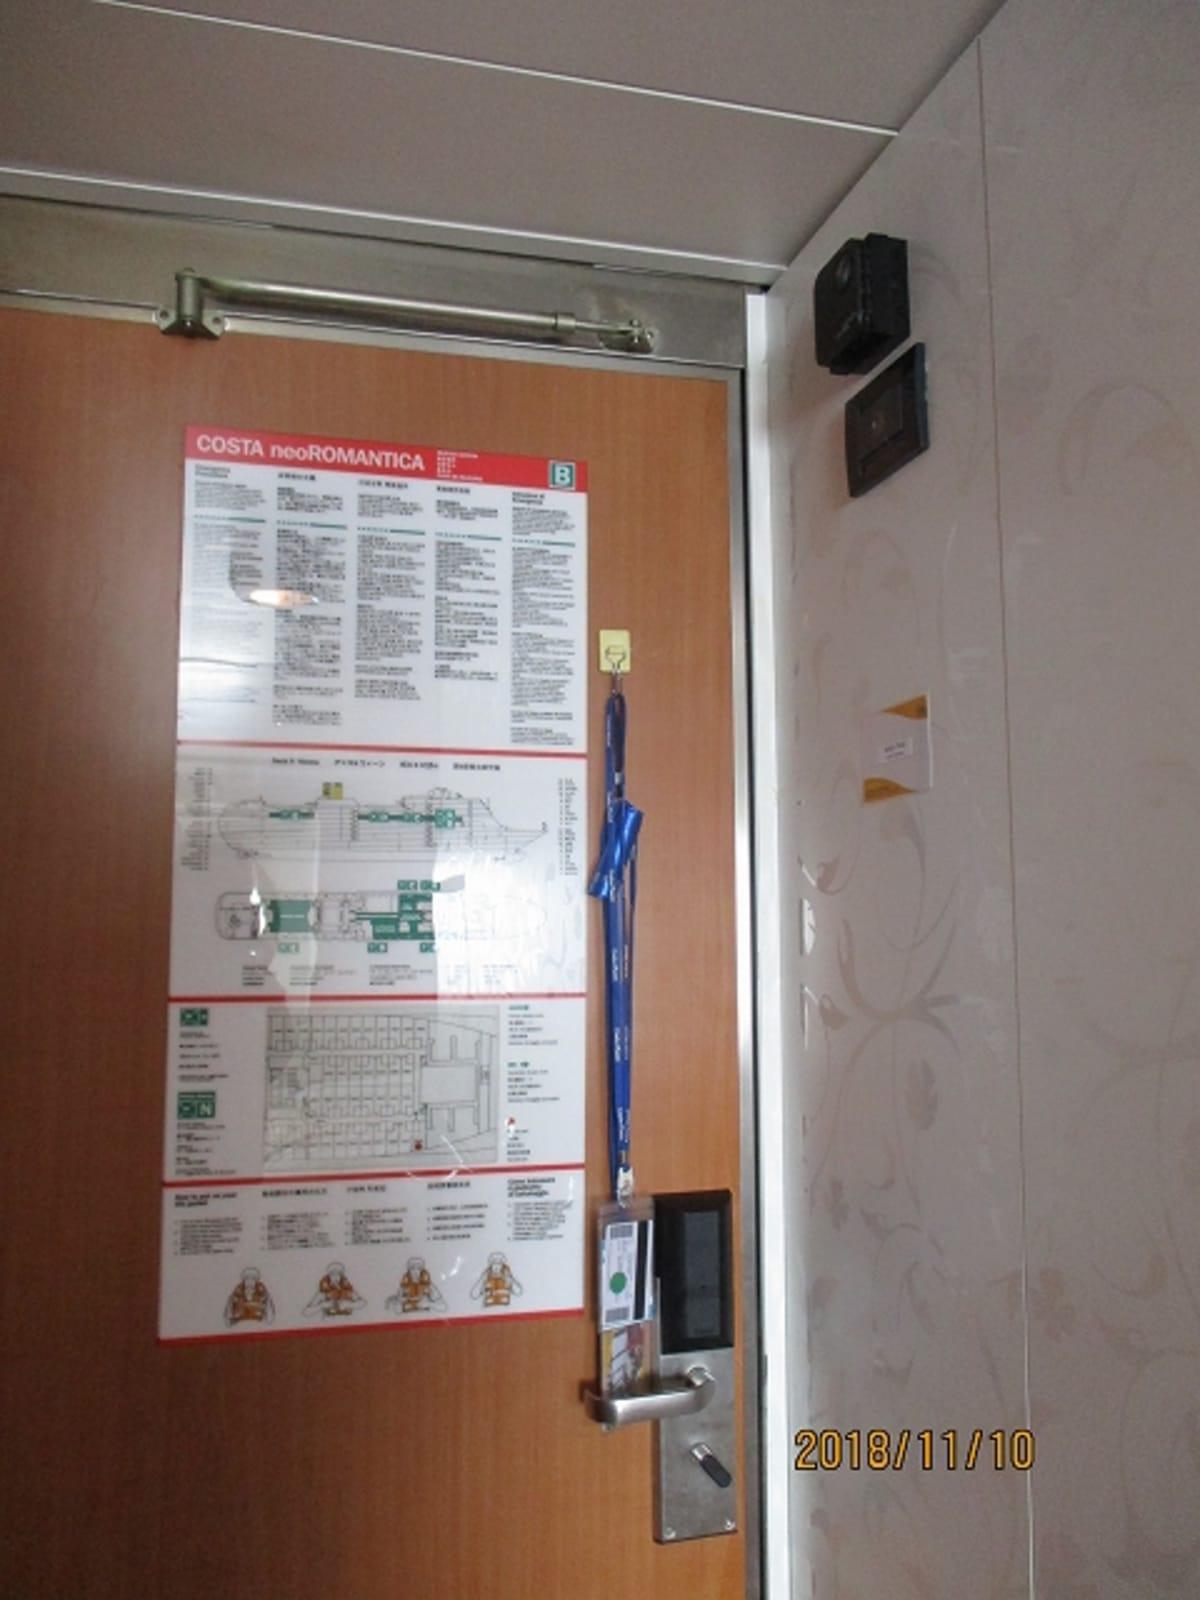 部屋の温度は低めに設定されていましたので、ドア内側、上部の温度調節で変更しました。  ドアの裏側にマグネット式フックを掛け、クルーズカードを部屋から出る際、忘れれないよう吊るしておきました。  部屋の外側にも、部屋番号を確認しなくても、すぐわかるように、目印にマグネットを乗船中、貼っていました。